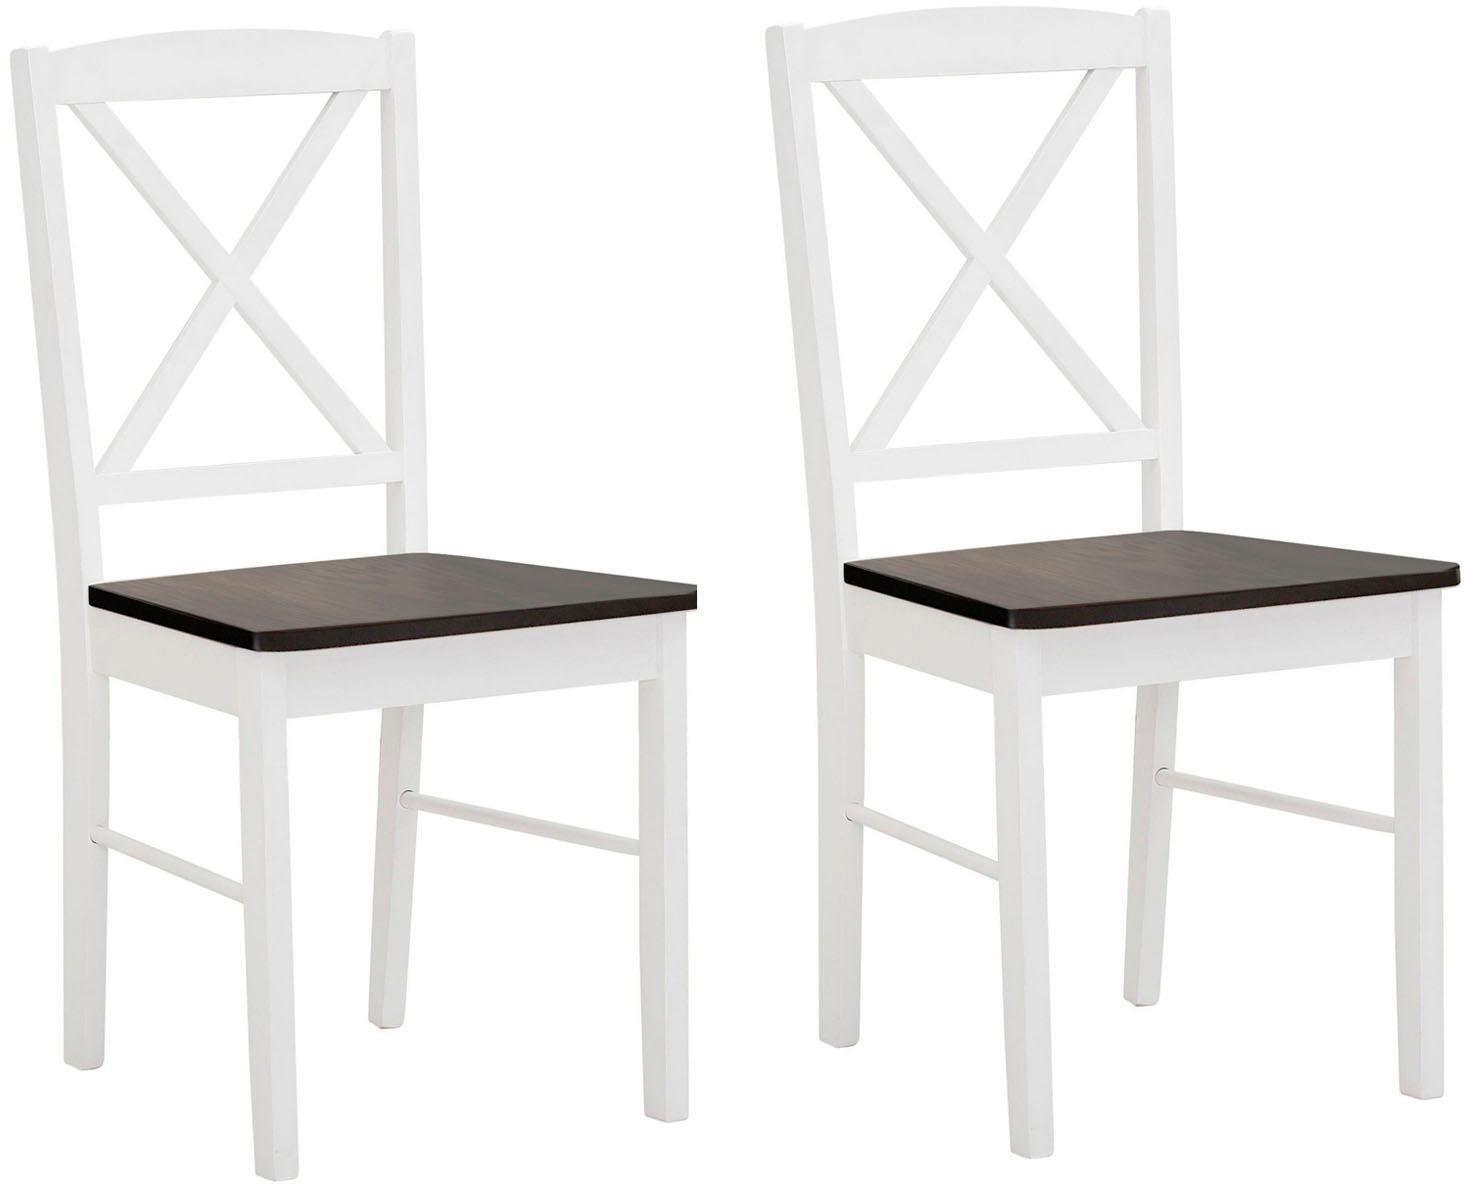 Home affaire Esszimmerstuhl »Sonoma« 2er Set, aus massivem Kiefernholzgestell, angenehmer Sitzkomfort, Sitzhöhe 47 cm online kaufen | OTTO